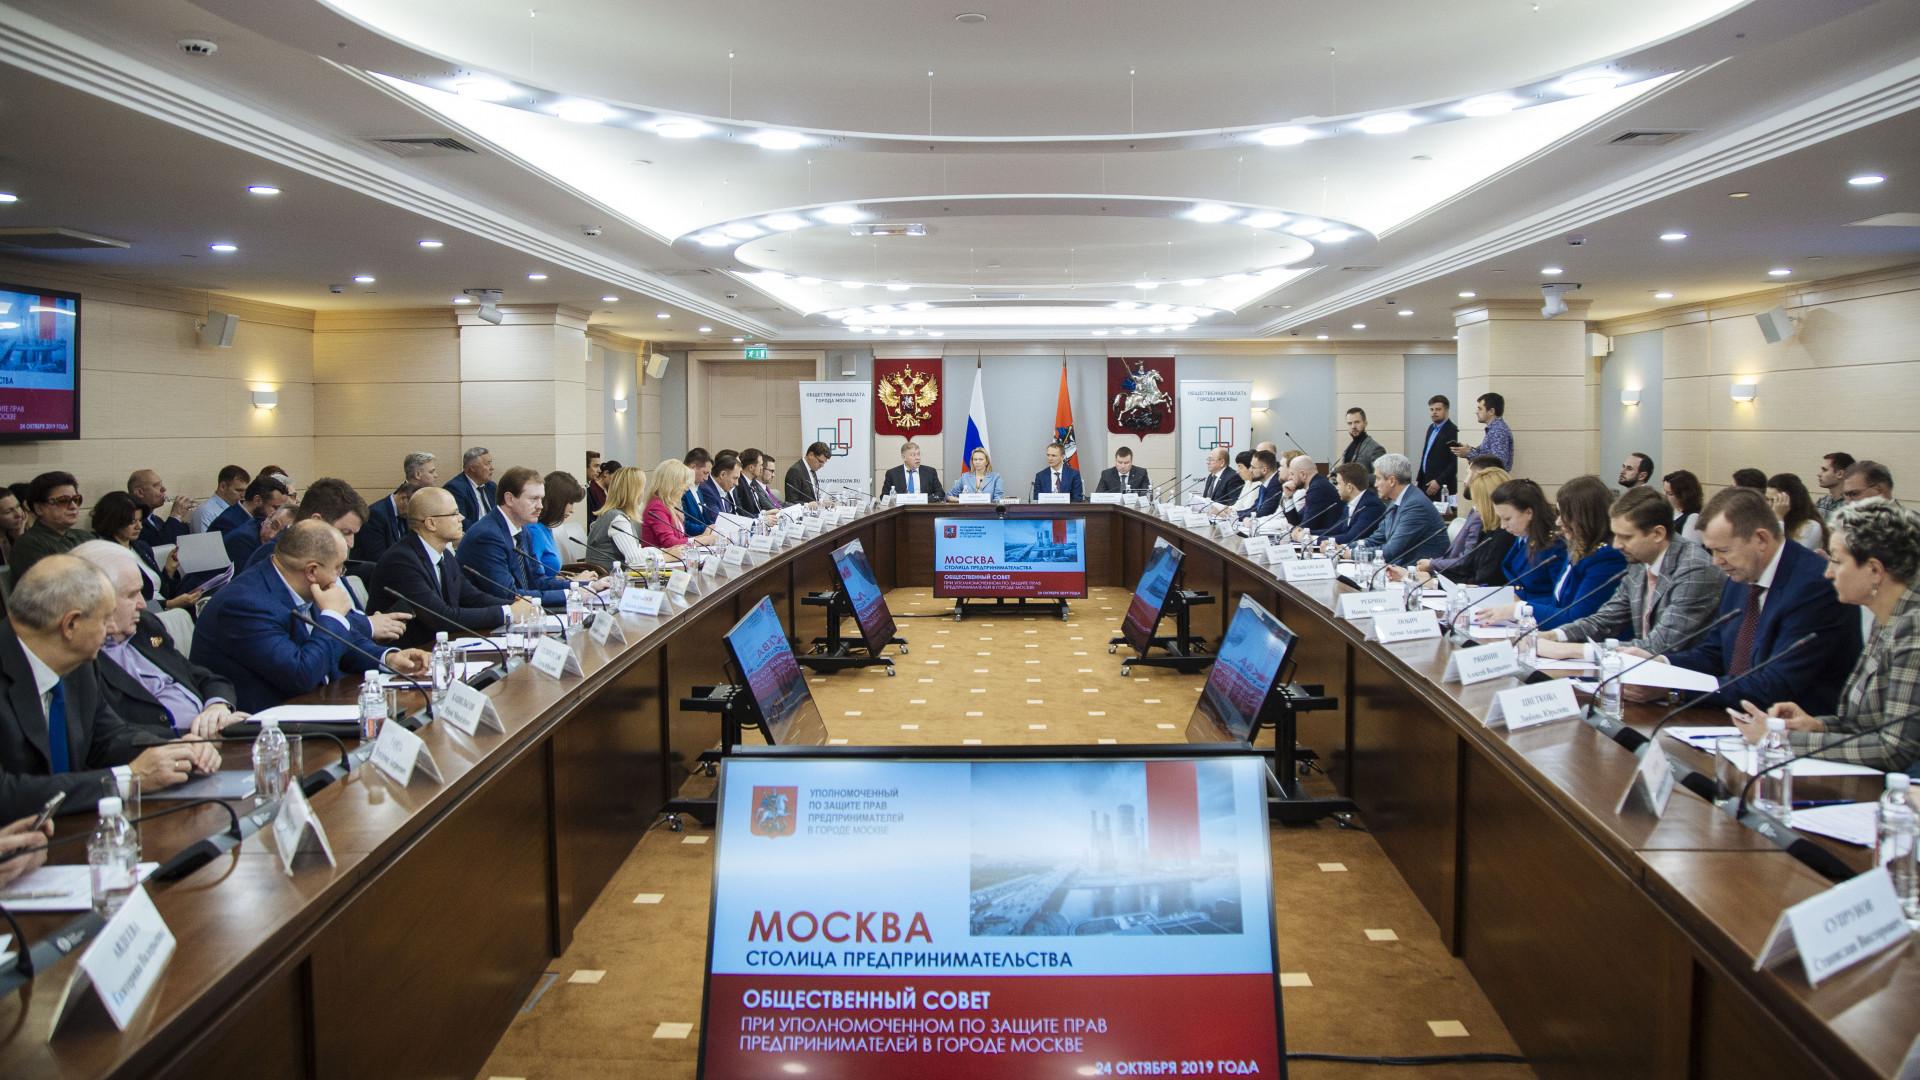 24-10-19-Никитин-ОПМ-Совет при уполномоченном по защите прав предпринимателей-28.jpg